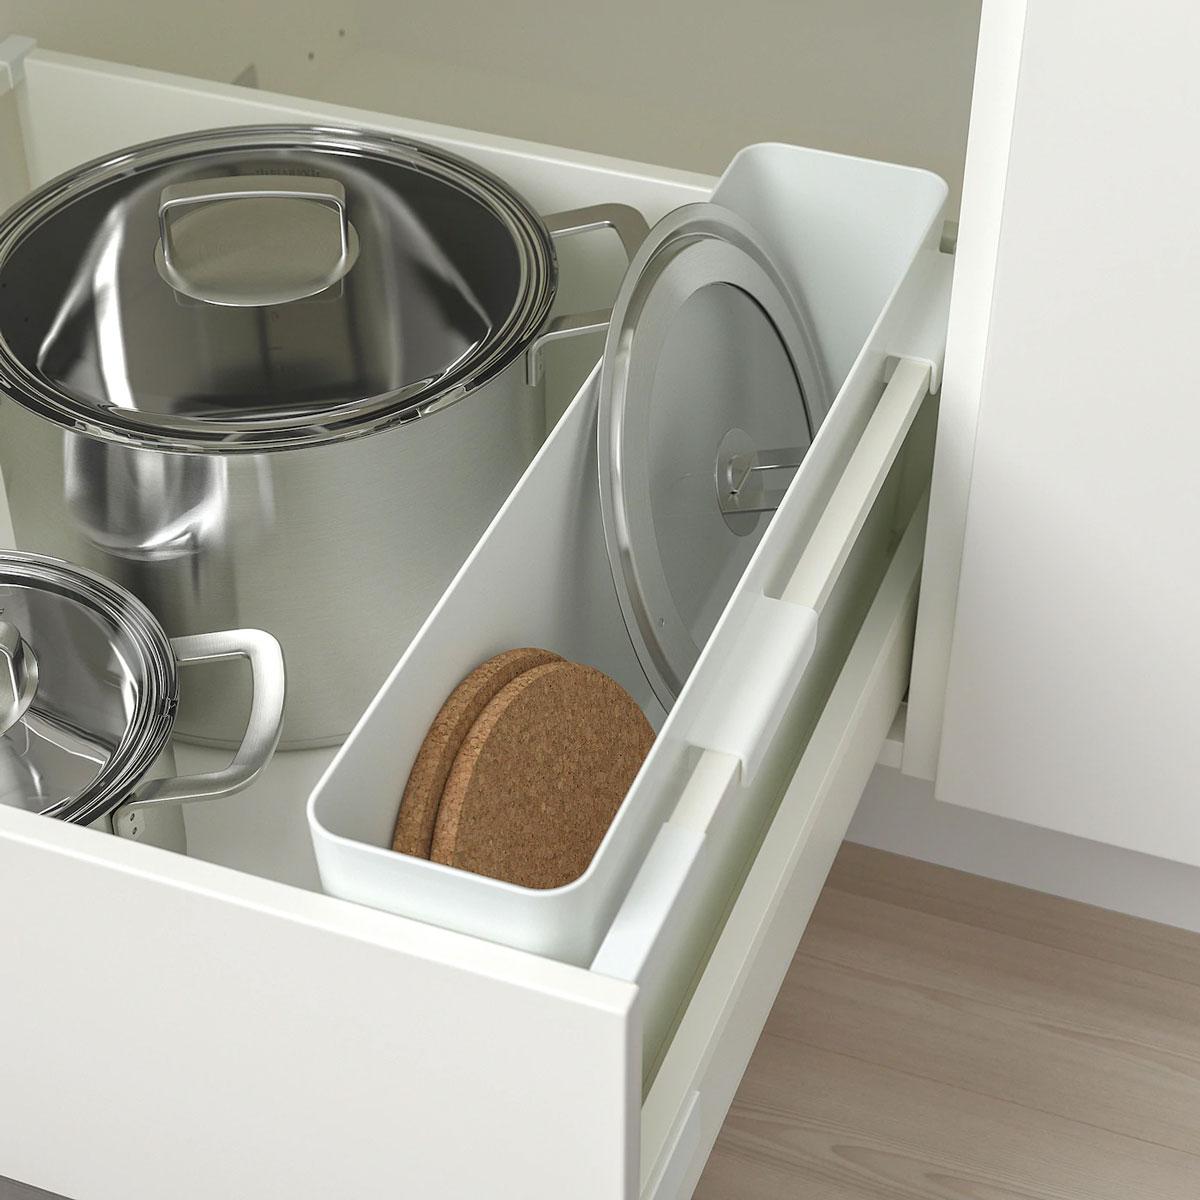 mobili cucina componibili ikea mobili cucina credenza. Ikea Salvaspazio 15 Soluzioni Per Ottimizzare Lo Spazio Con Ikea